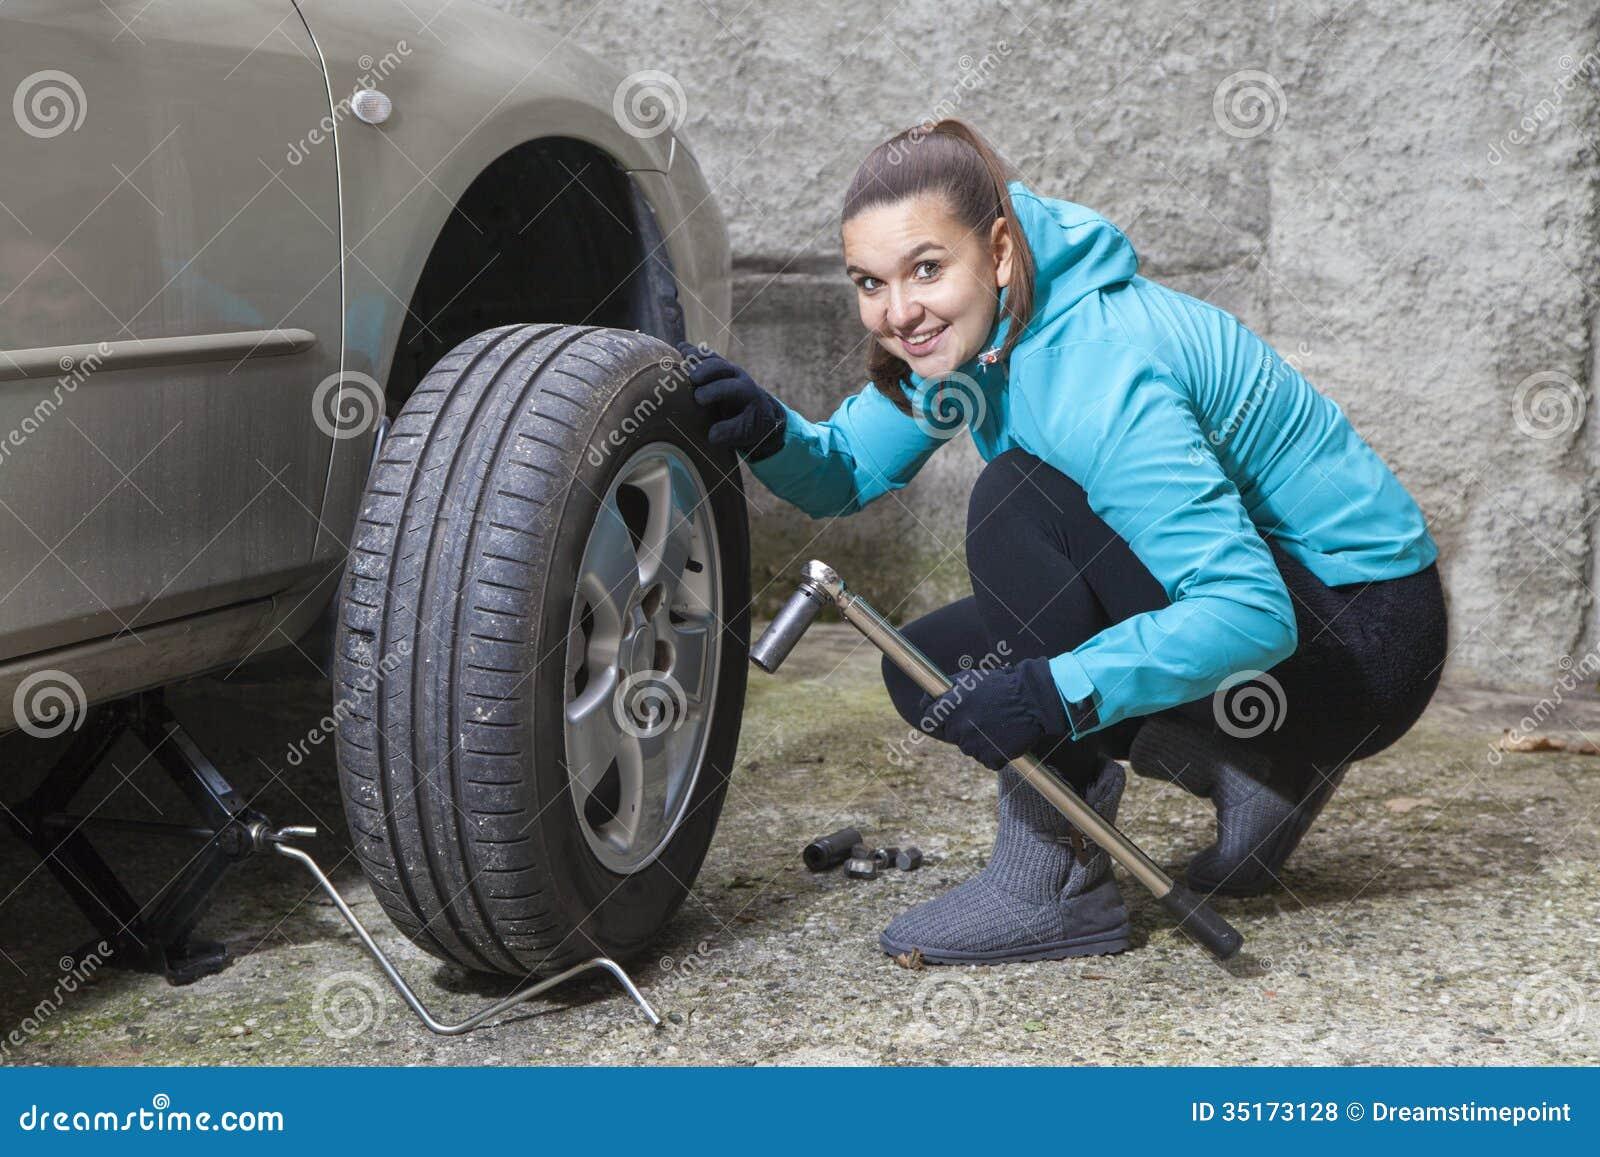 Драйвера для шины скачать бесплатно